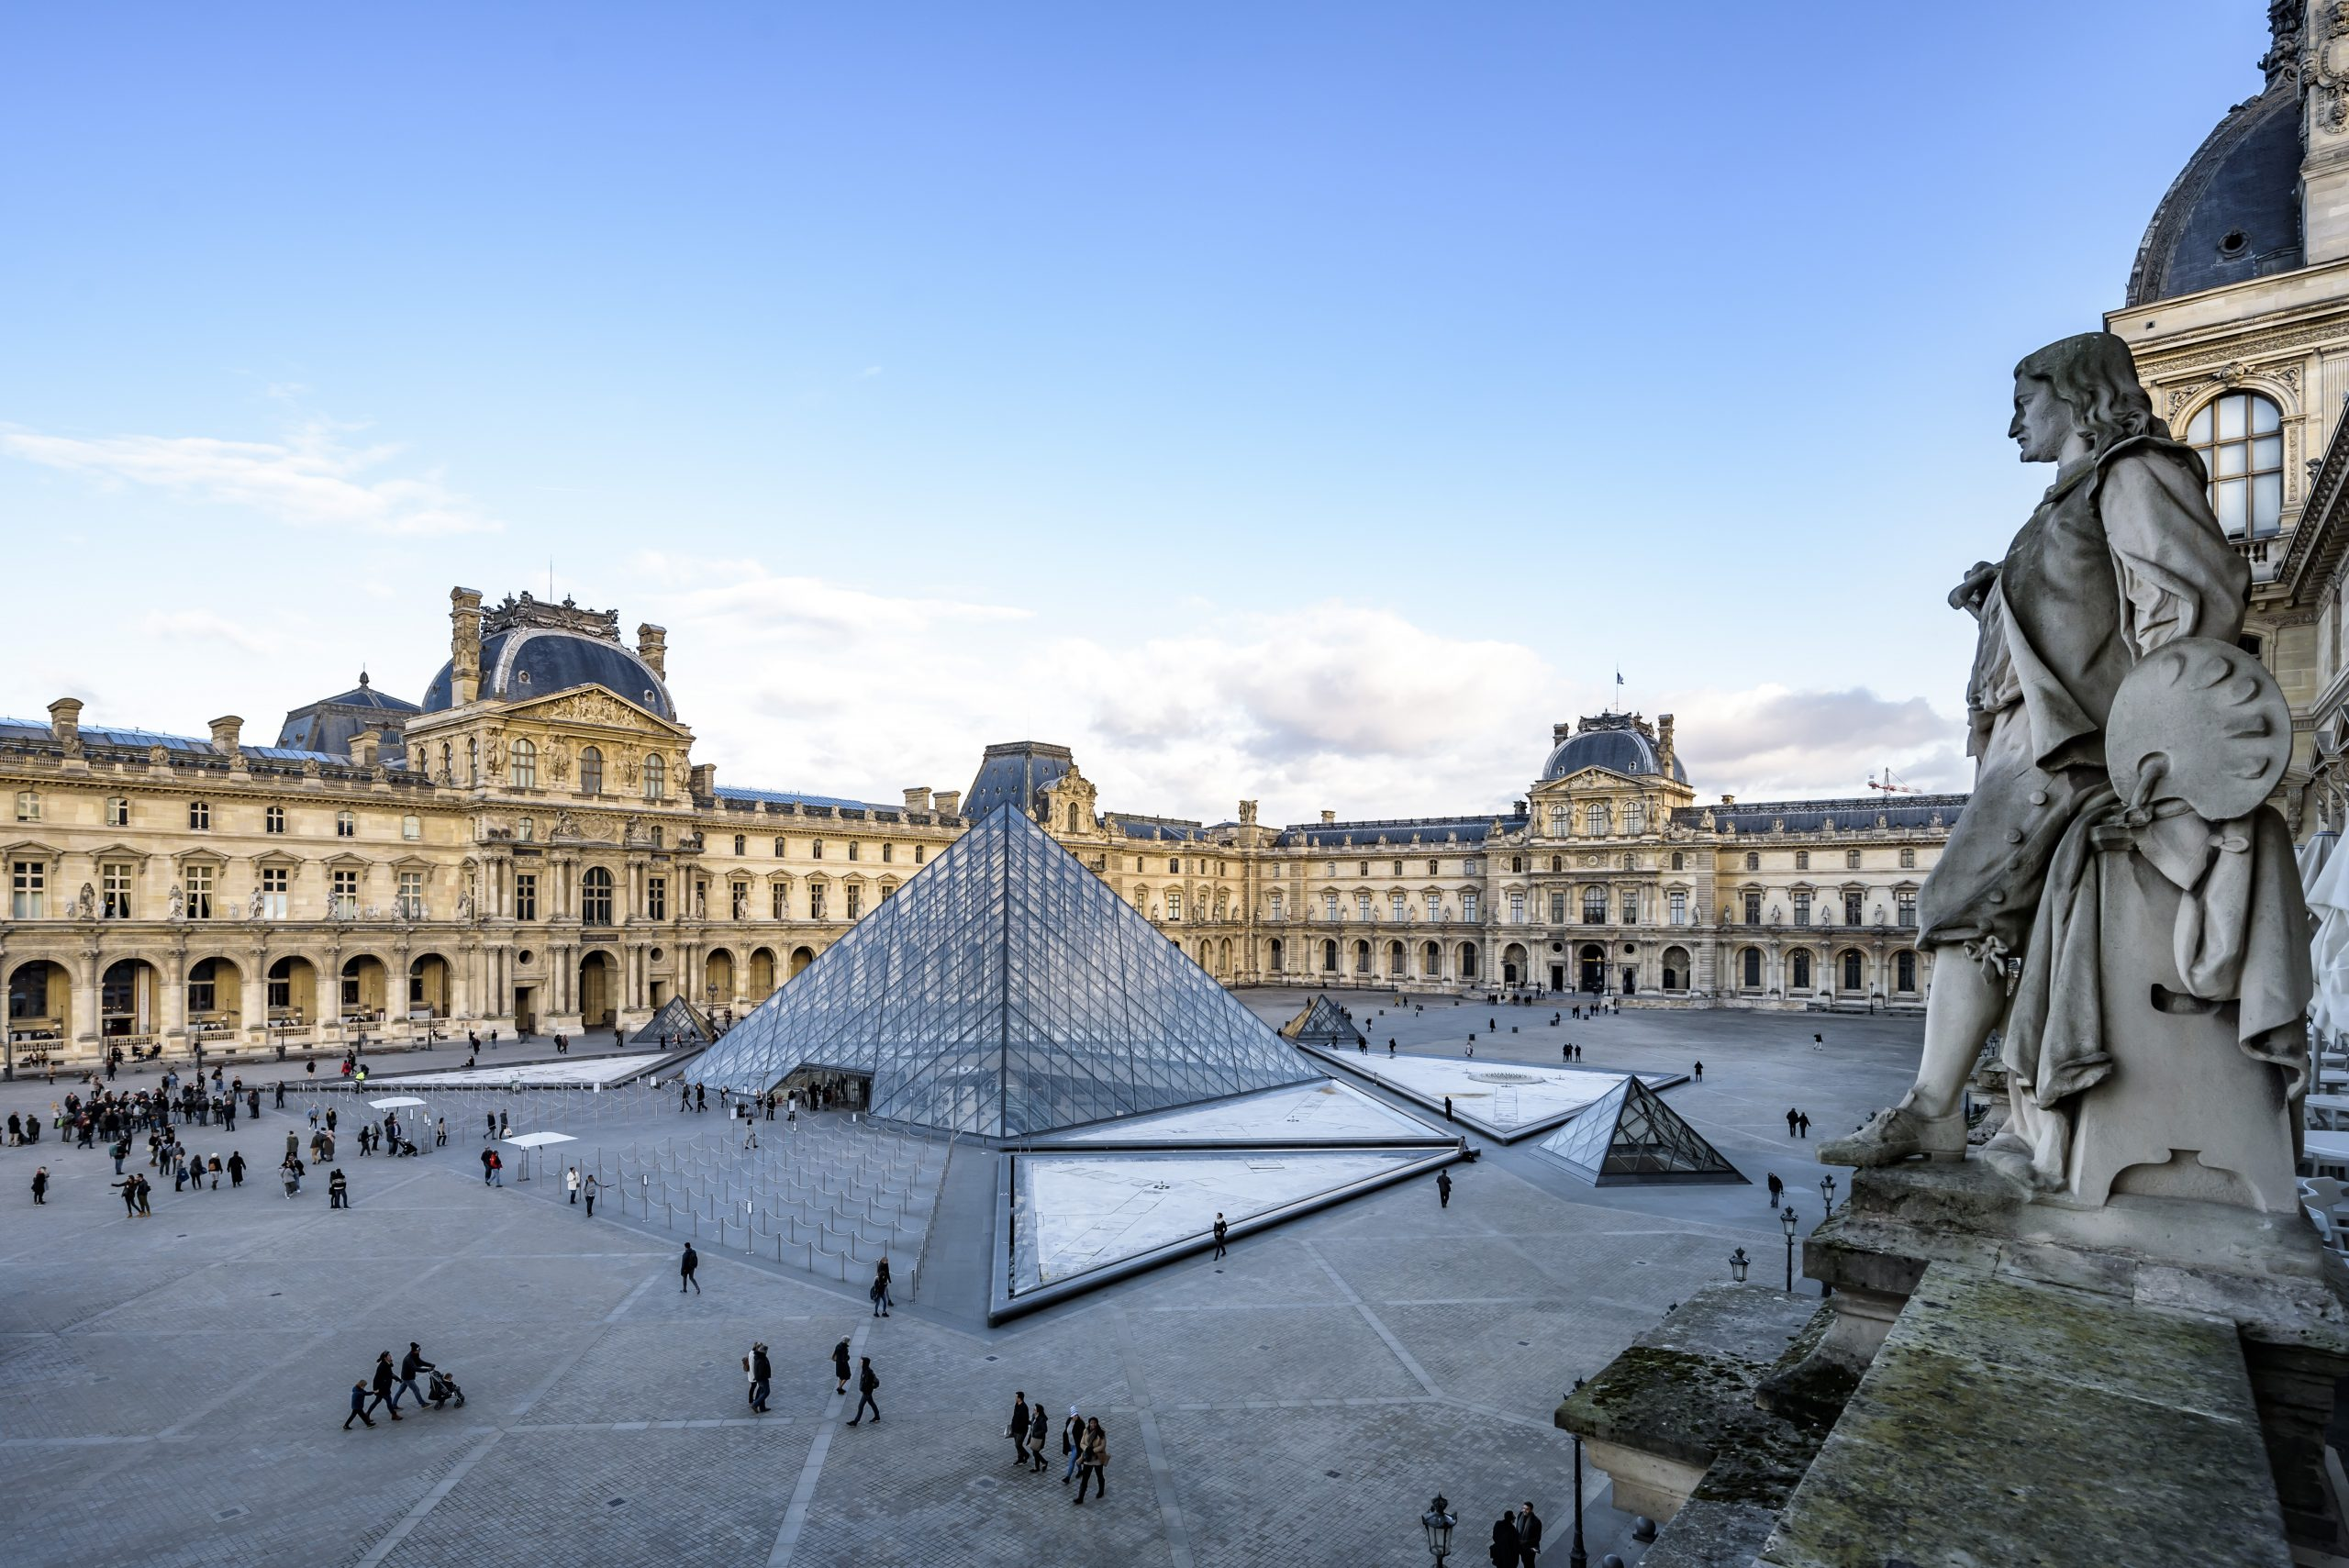 Le dernier luxe? S'offrir le Louvre